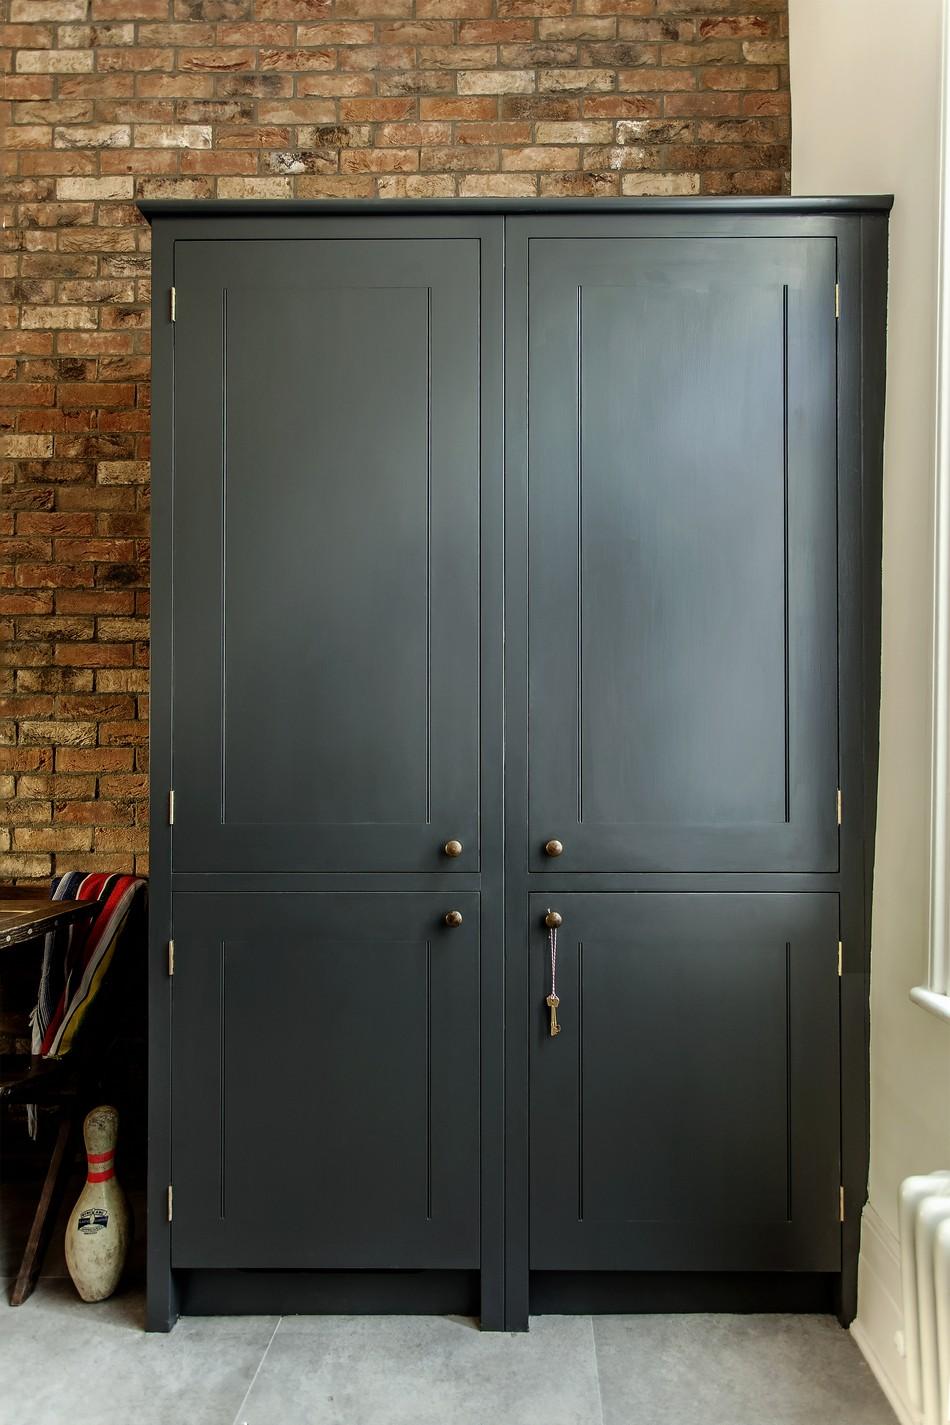 Чёрный большой стеллаж в интерьере кухни